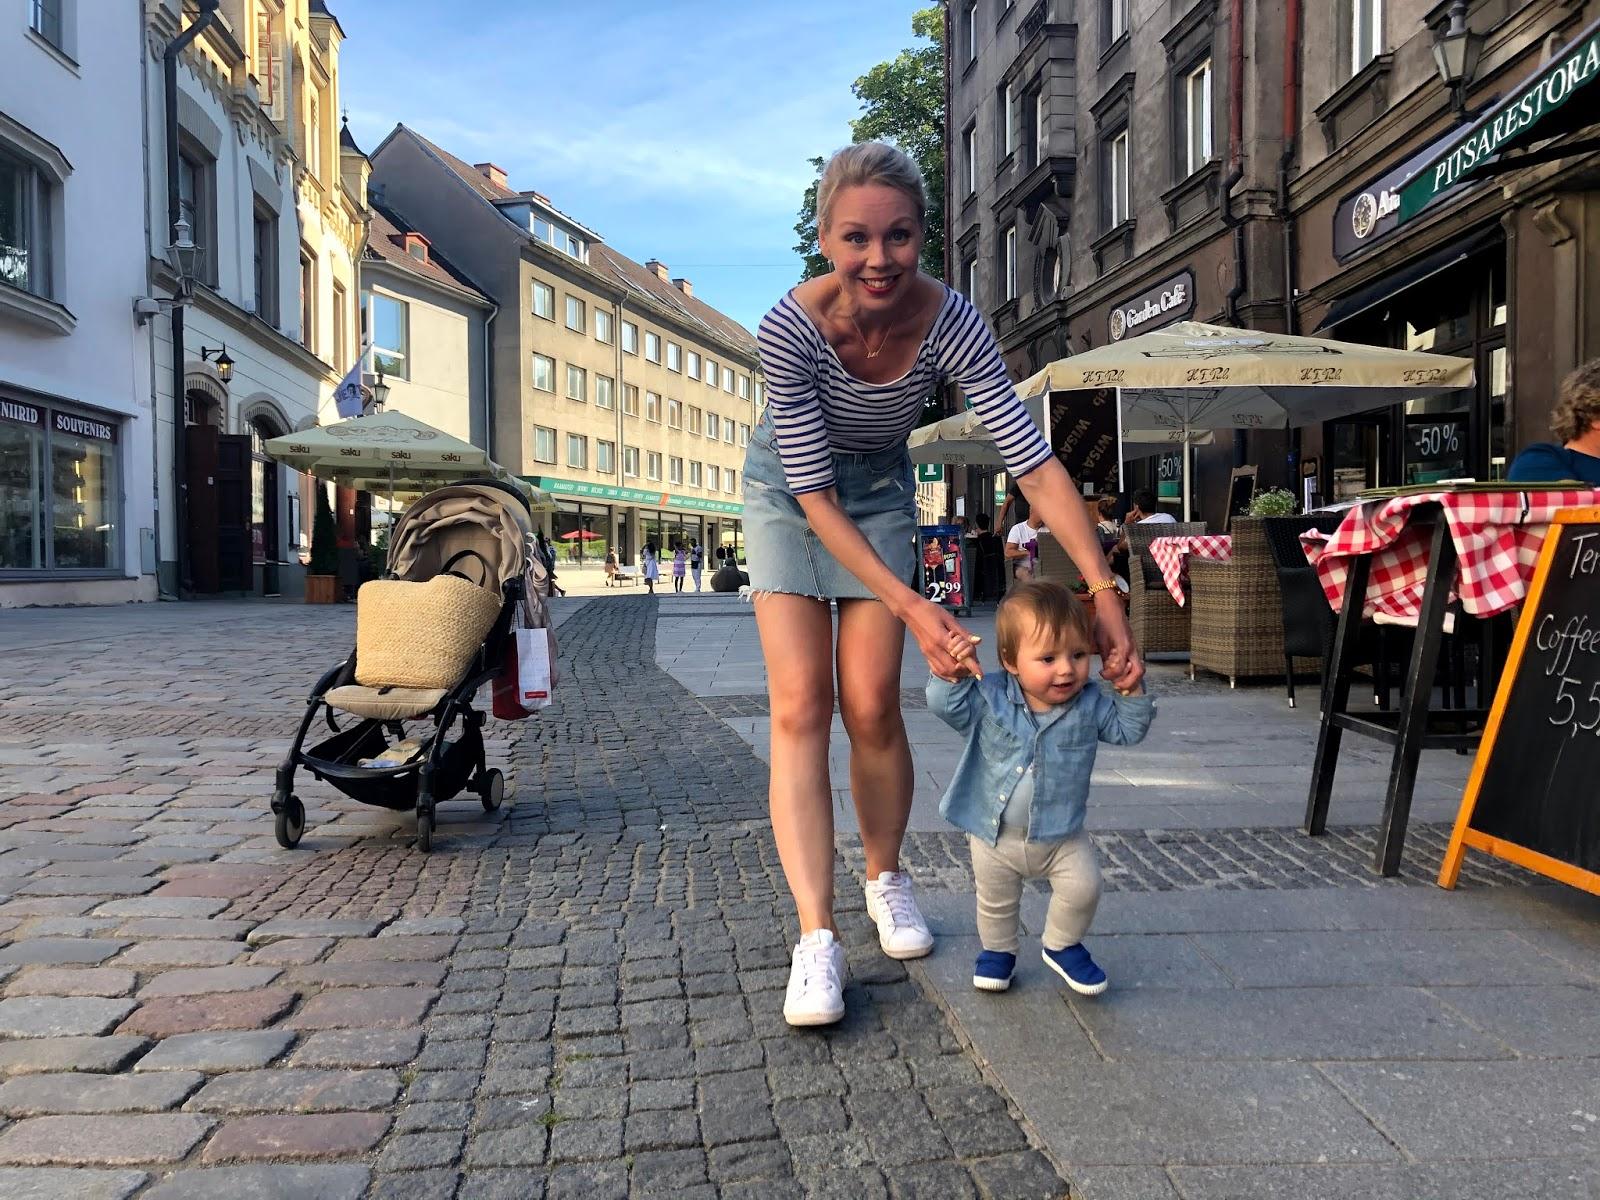 9kk vauva tahtoo kävellä